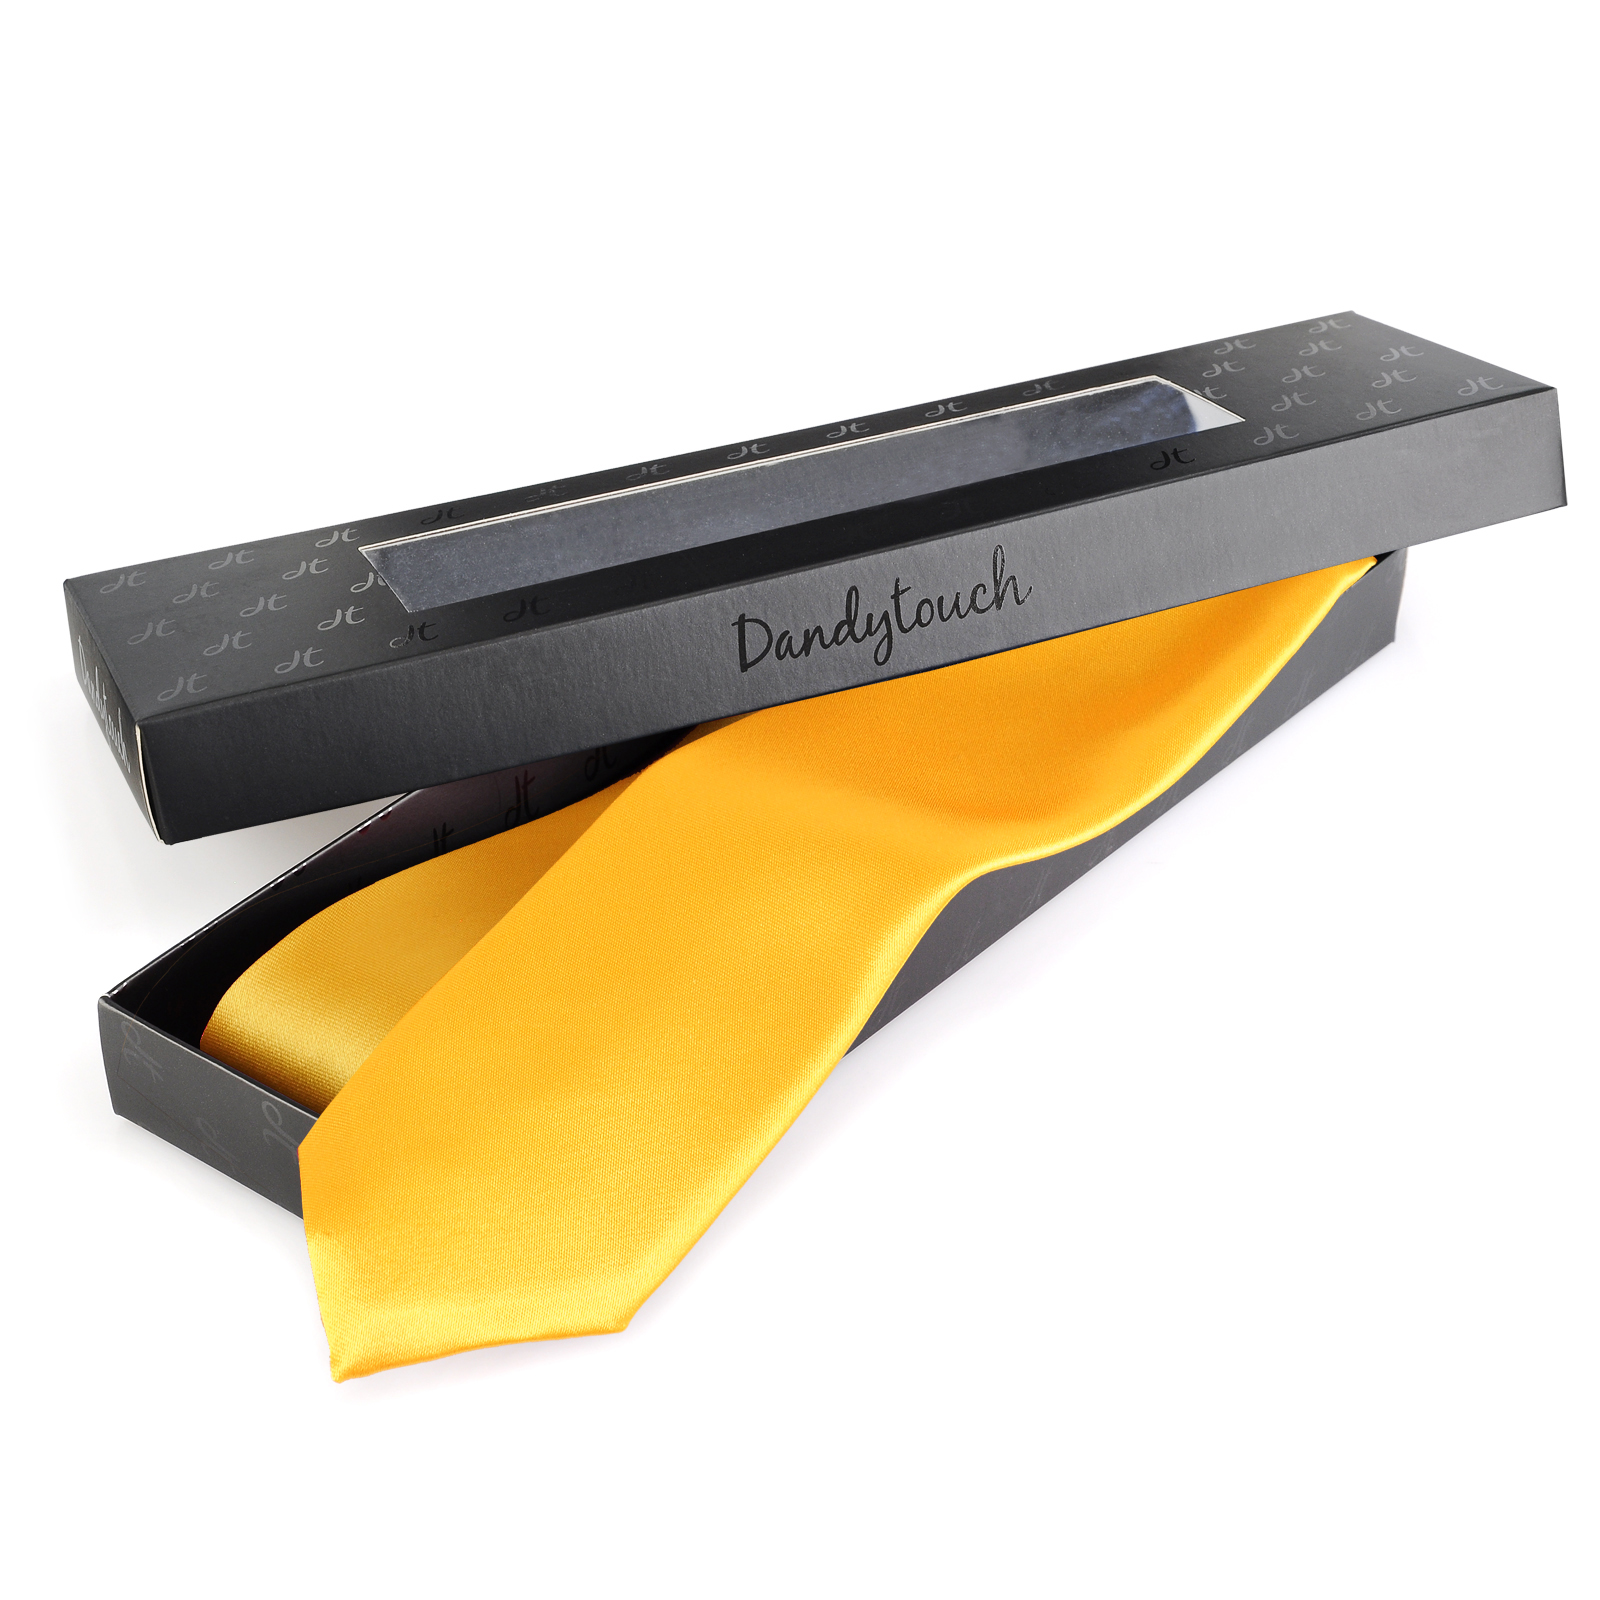 cravate slim jaune dandytouch